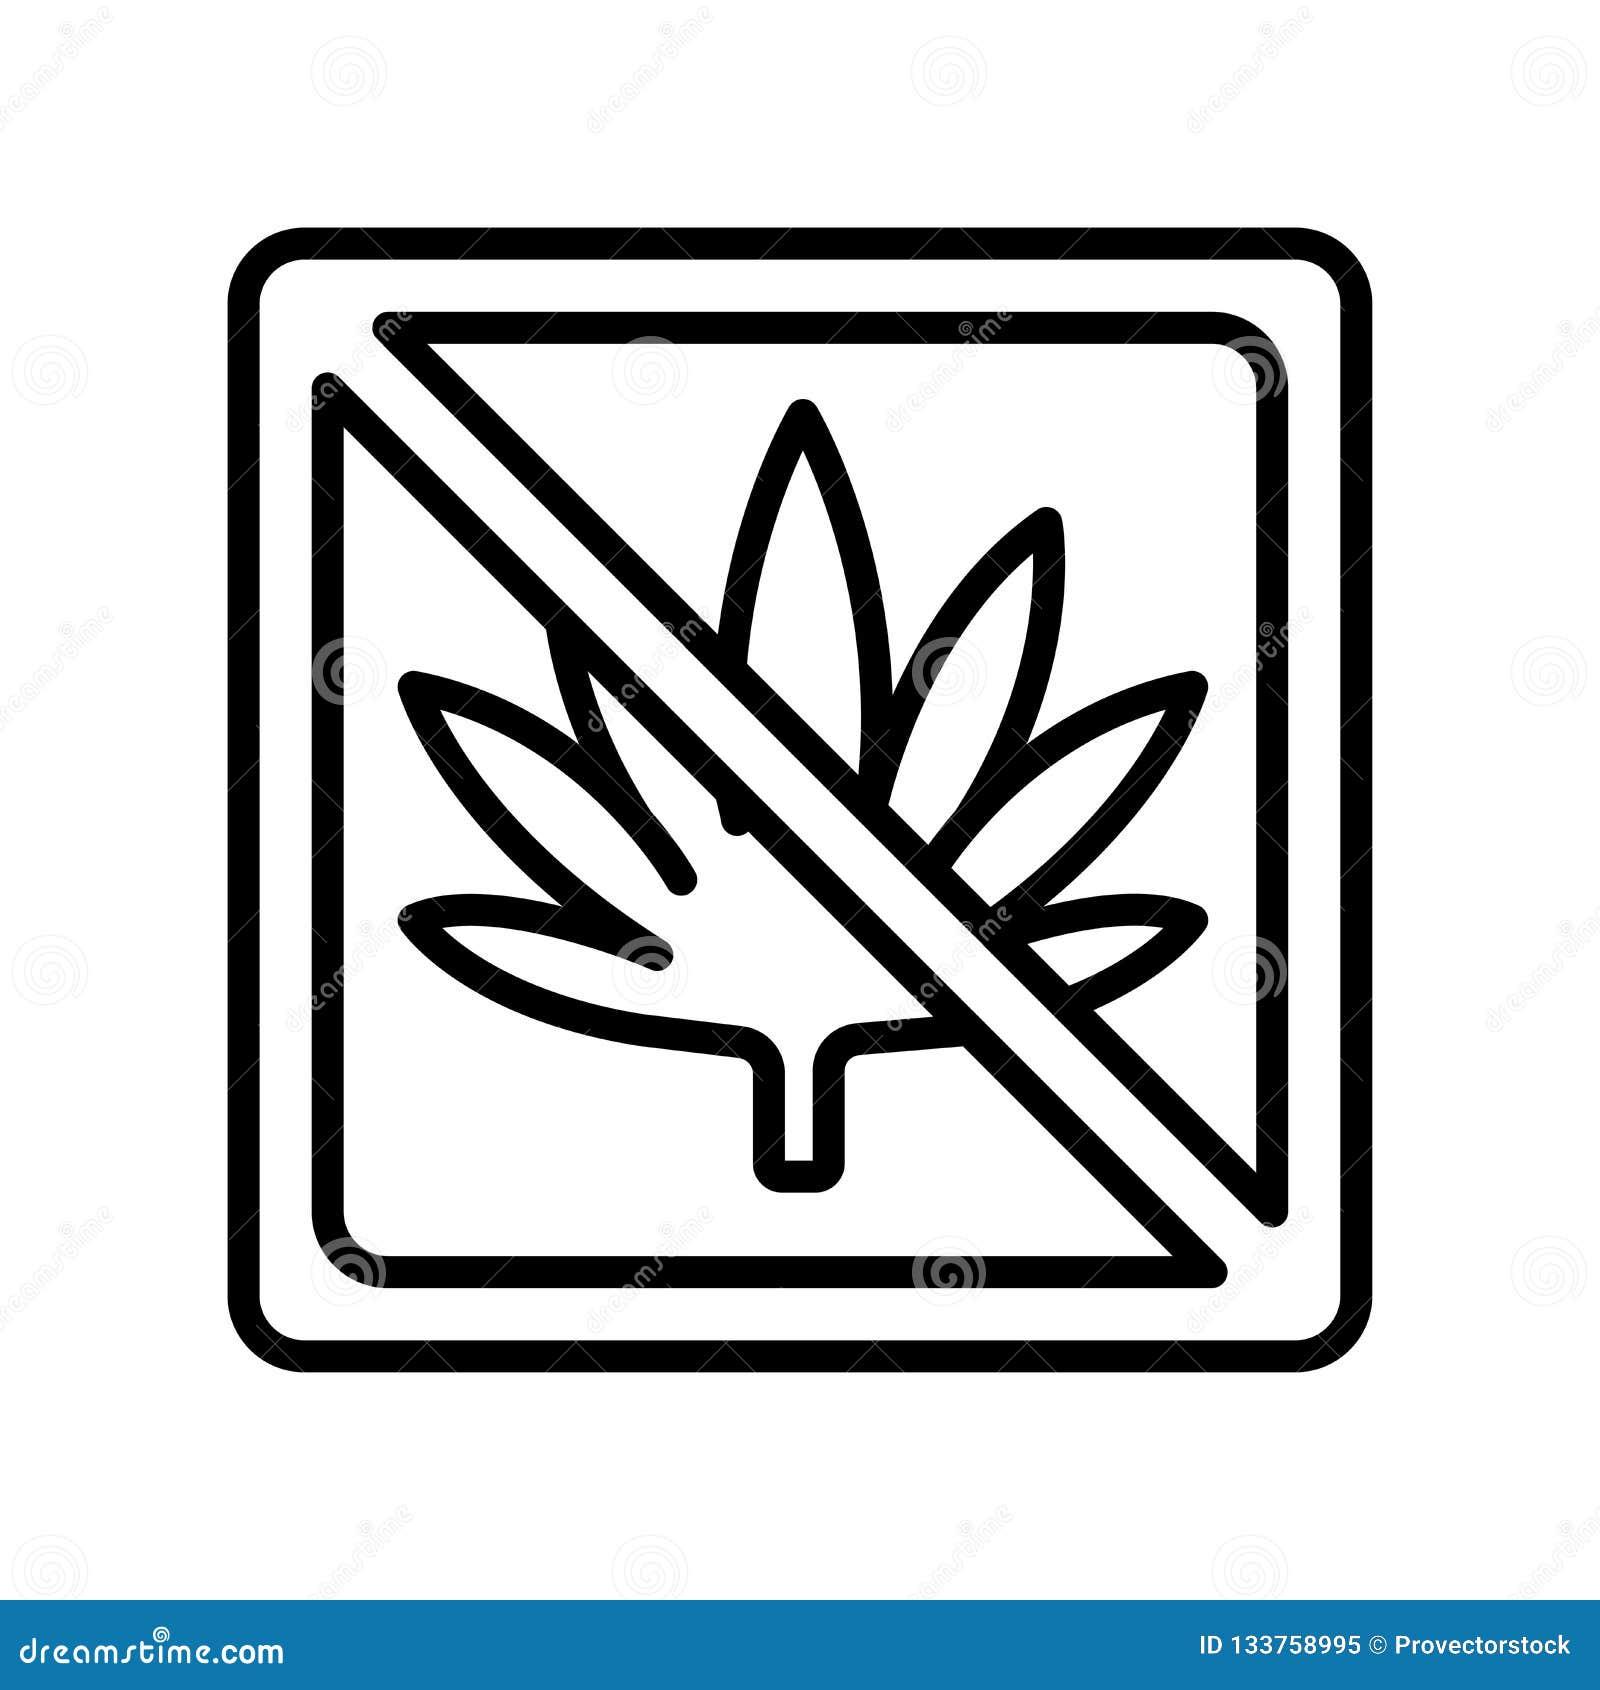 Μαριχουάνα σημάδι και σύμβολο εικονιδίων διανυσματικό που απομονώνονται στο άσπρο backgrou